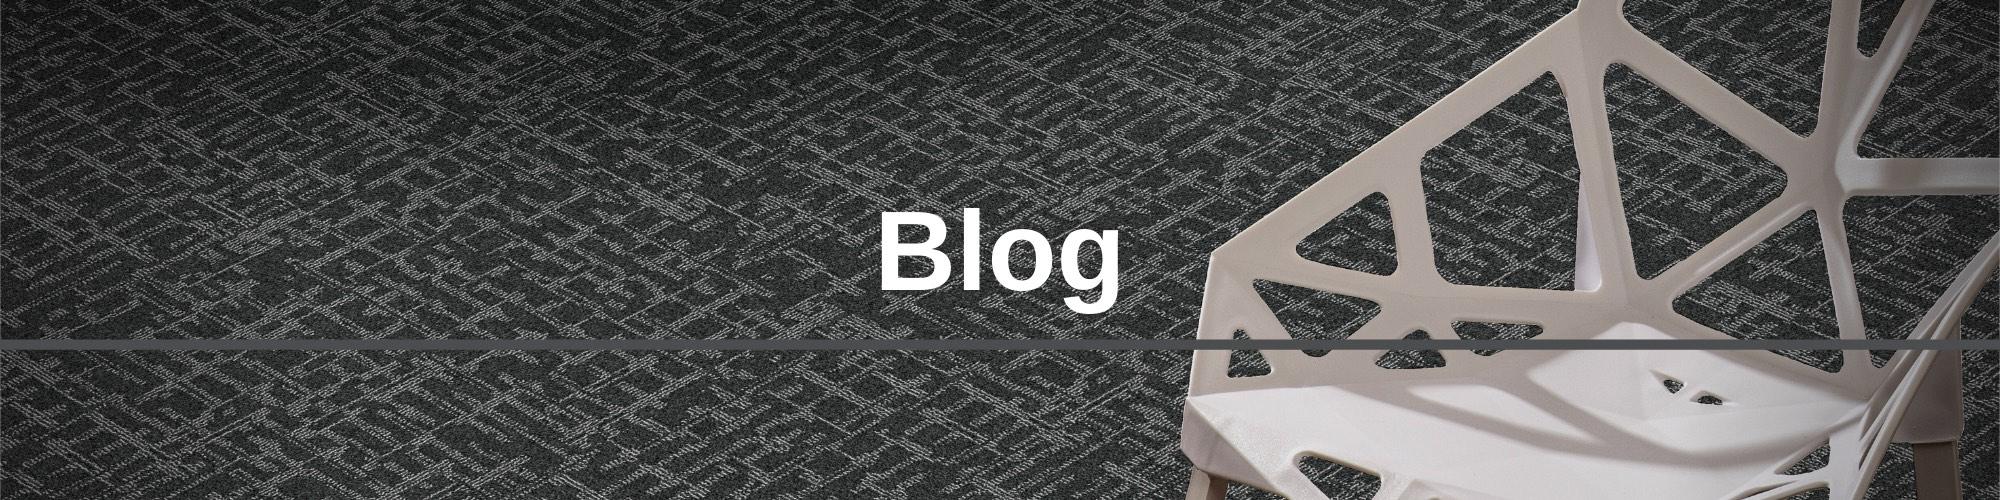 Blog : News   Paragon Carpet Tiles   Commercial Carpet Tiles